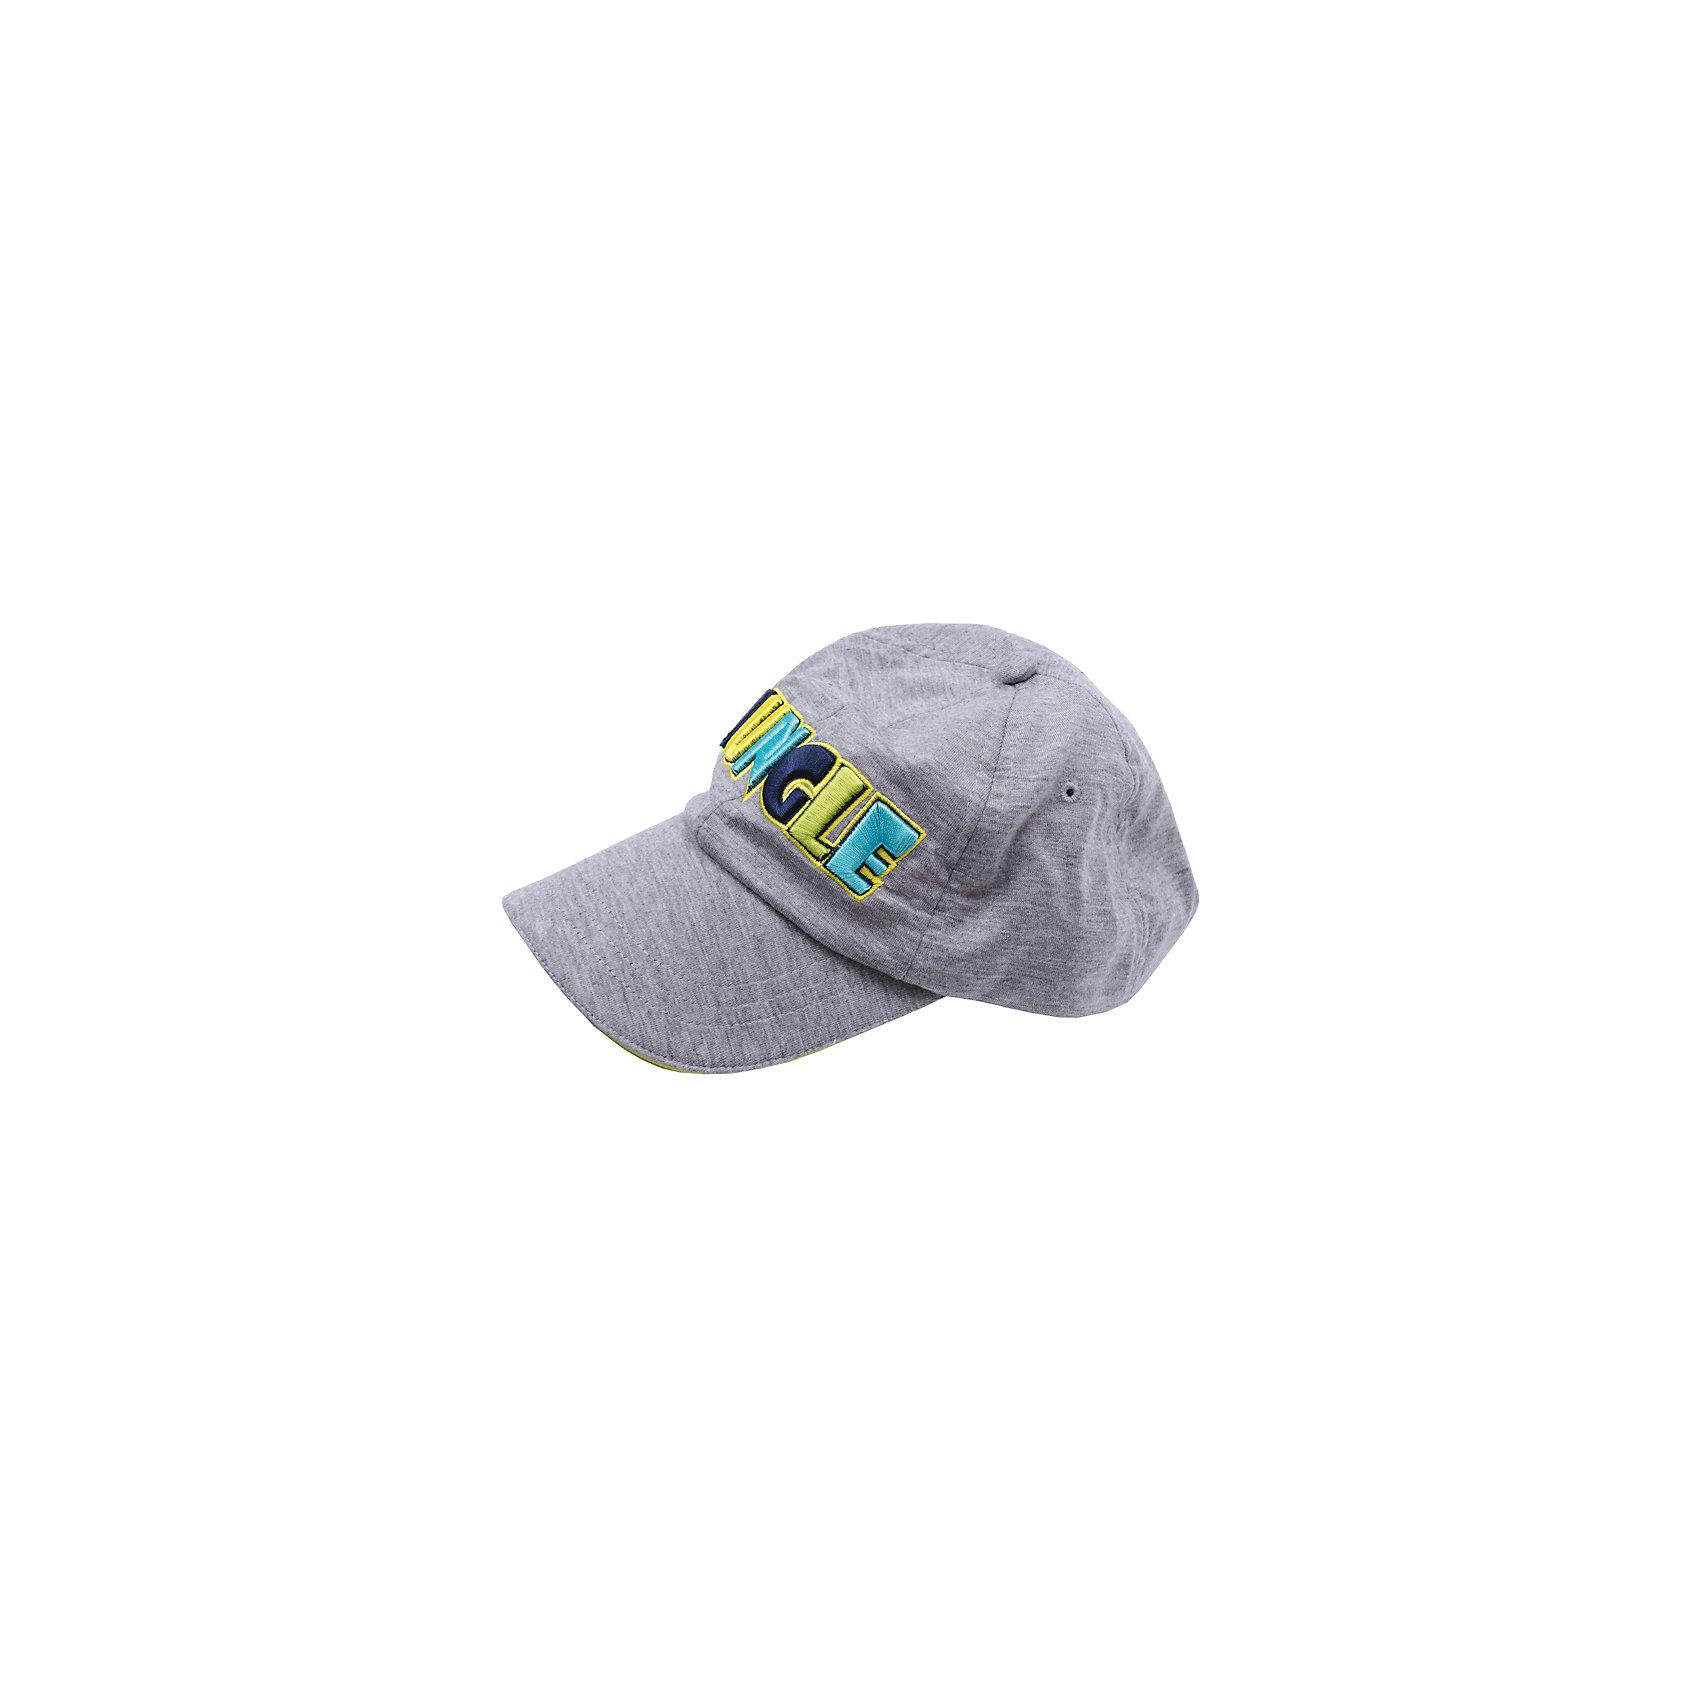 Кепка для мальчика PlayTodayГоловные уборы<br>Характеристики товара:<br><br>• цвет: серый<br>• состав: 60% хлопок, 40% полиэстер<br>• козырек<br>• плотно прилегает к голове<br>• дышащий материал<br>• эластичный трикотаж<br>• вышивка<br>• комфортная посадка<br>• коллекция: весна-лето 2017<br>• страна бренда: Германия<br>• страна производства: Китай<br><br>Популярный бренд PlayToday выпустил новую коллекцию! Вещи из неё продолжают радовать покупателей удобством, стильным дизайном и продуманным кроем. Дети носят их с удовольствием. PlayToday - это линейка товаров, созданная специально для детей. Дизайнеры учитывают новые веяния моды и потребности детей. Порадуйте ребенка обновкой от проверенного производителя!<br>Такая стильная модель обеспечит ребенку комфорт благодаря качественному материалу и продуманному крою. С помощью неё можно удобно одеться по погоде. Очень модная вещь! <br><br>Кепку для мальчика от известного бренда PlayToday можно купить в нашем интернет-магазине.<br><br>Ширина мм: 89<br>Глубина мм: 117<br>Высота мм: 44<br>Вес г: 155<br>Цвет: серый<br>Возраст от месяцев: 72<br>Возраст до месяцев: 84<br>Пол: Мужской<br>Возраст: Детский<br>Размер: 54,50,52<br>SKU: 5403323